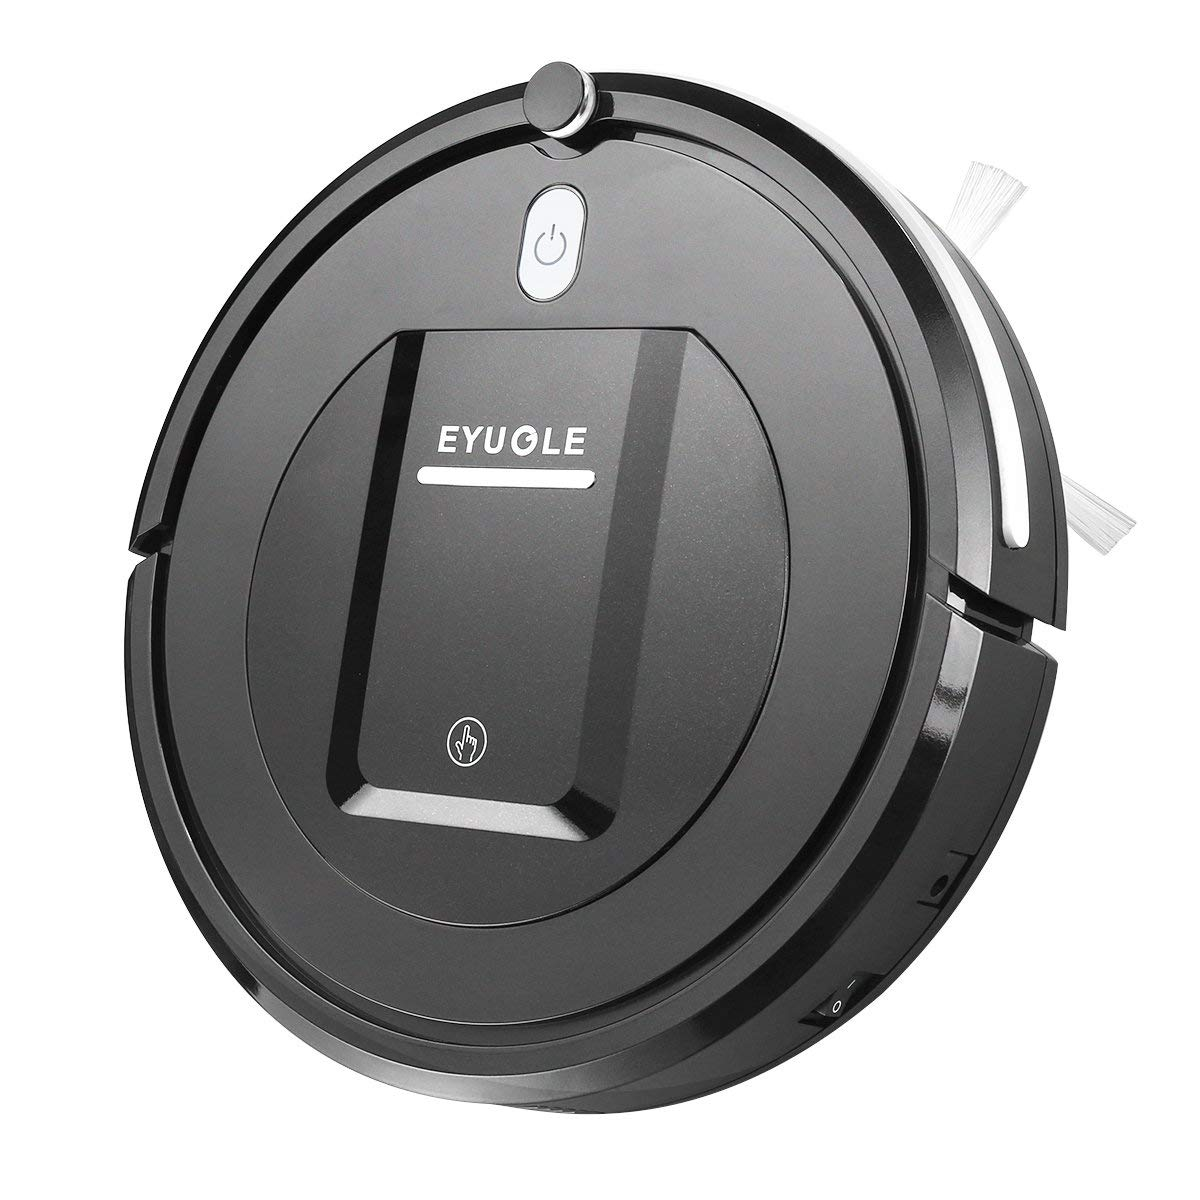 Eyugle KK290A Robot aspirador de limpieza patentado aspiradora de ...